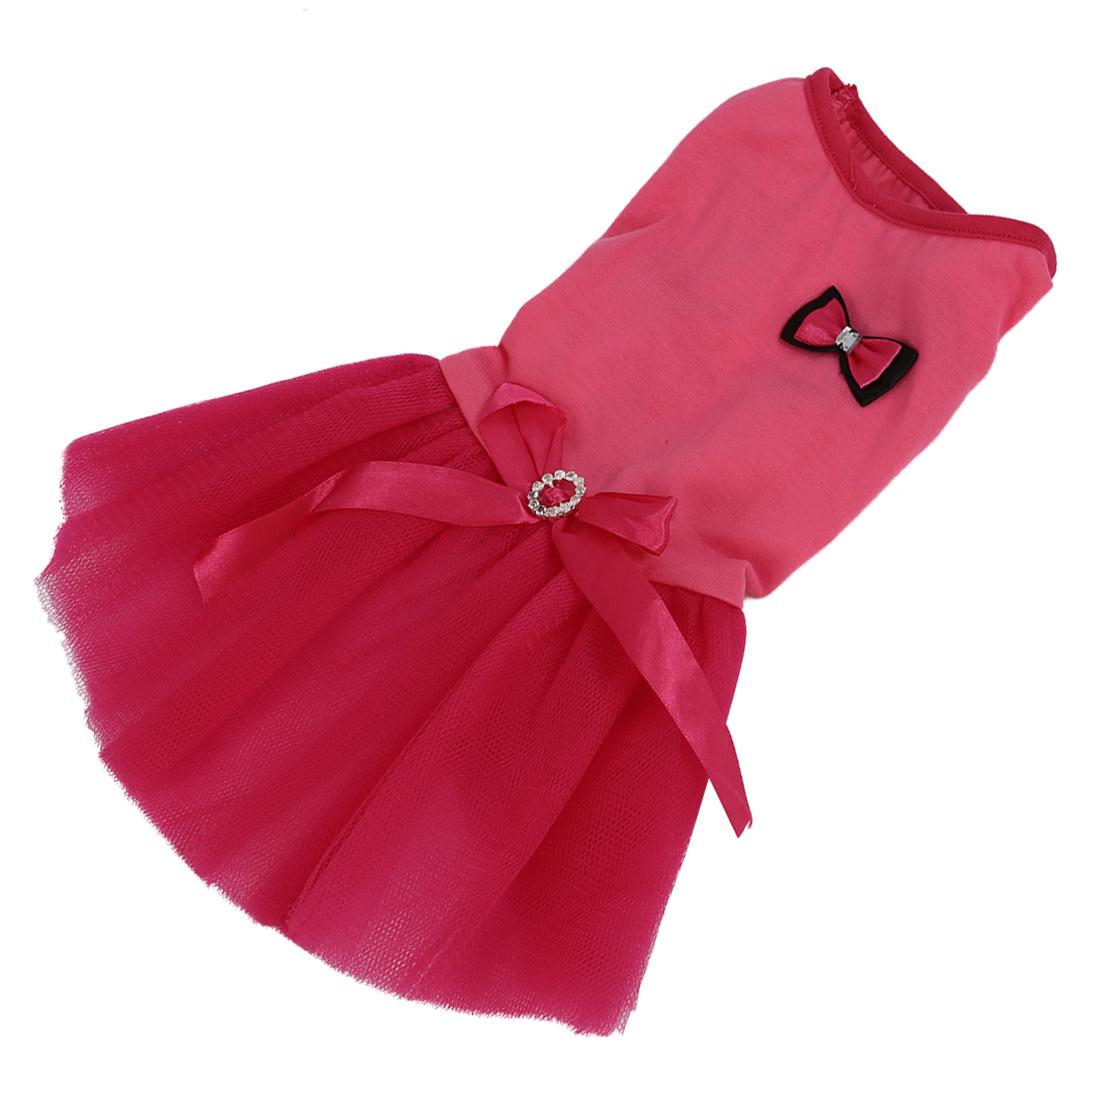 MYLB-Прекрасный Розовый Принцесса Туту Платье Лук Пузырь Юбка Щенок Одежда Собака Платье Одежда (L)